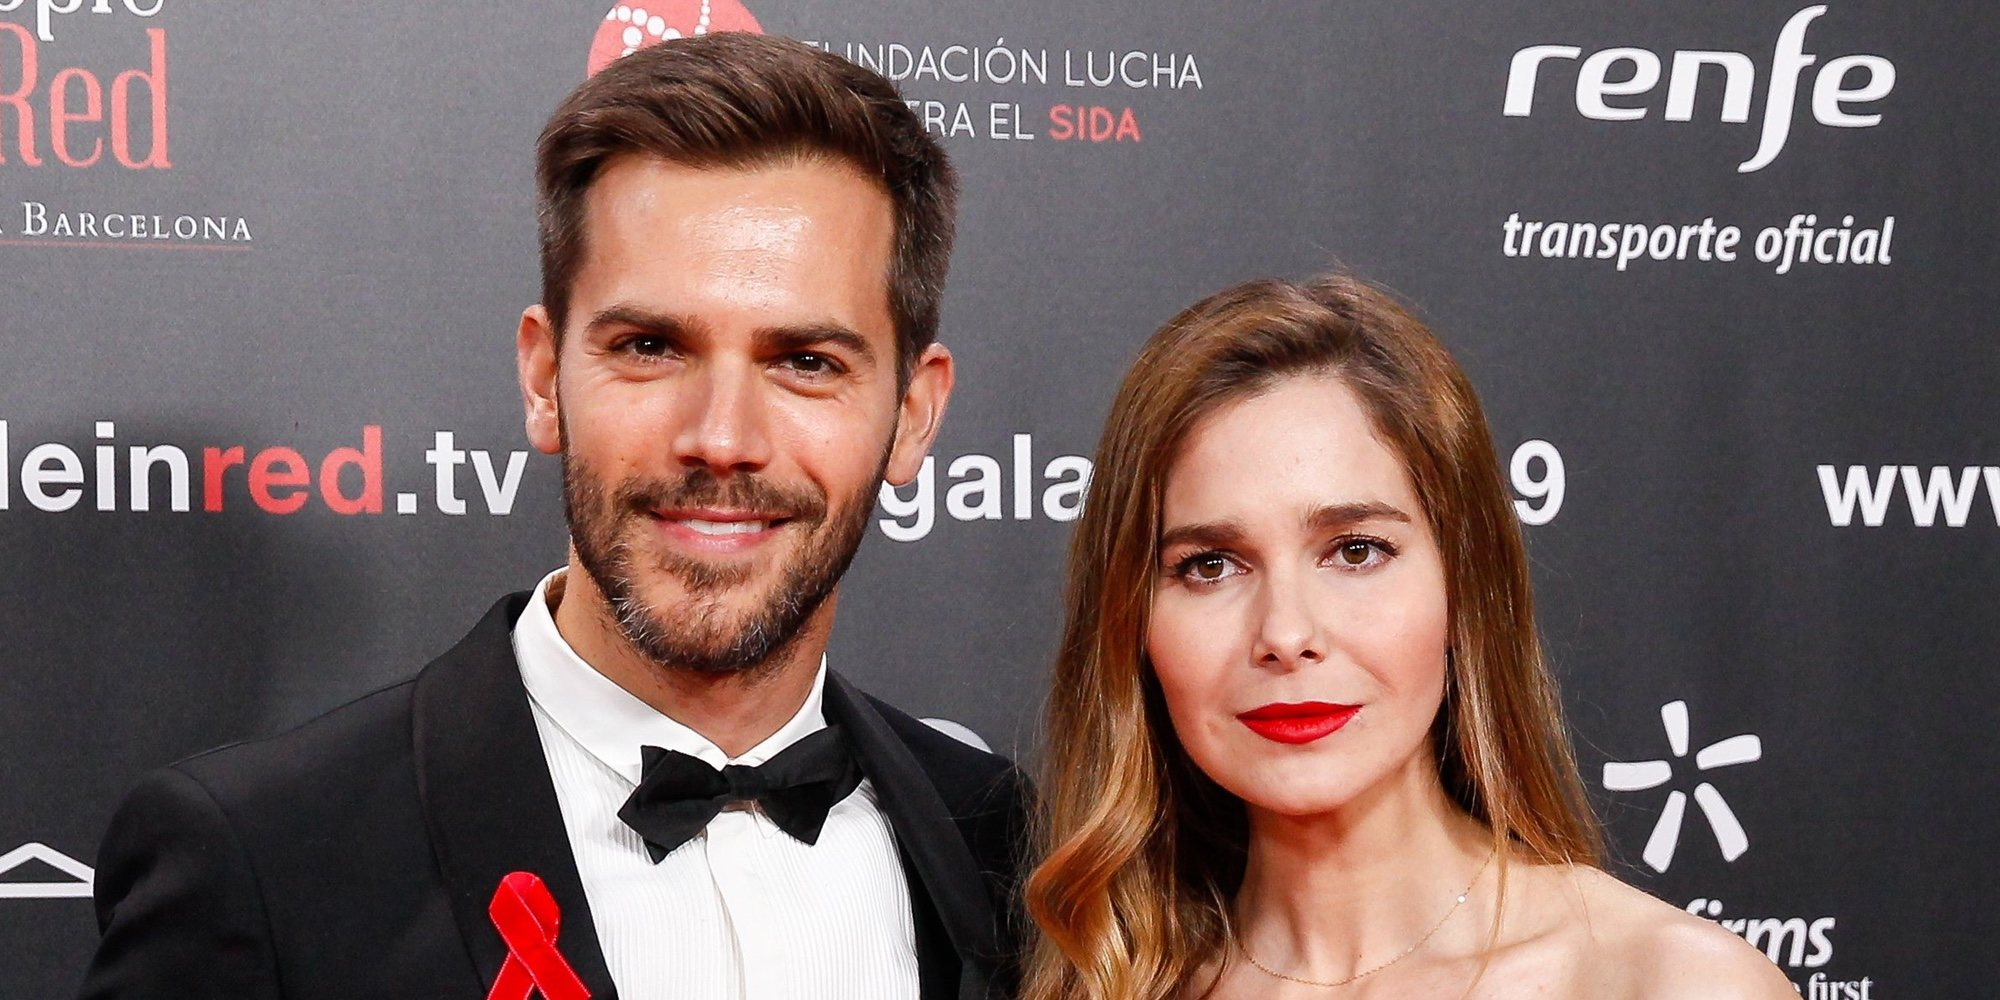 Marc Clotet y Natalia Sánchez recaudan más de 230.000 euros con #yomecorono para investigar el COVID19